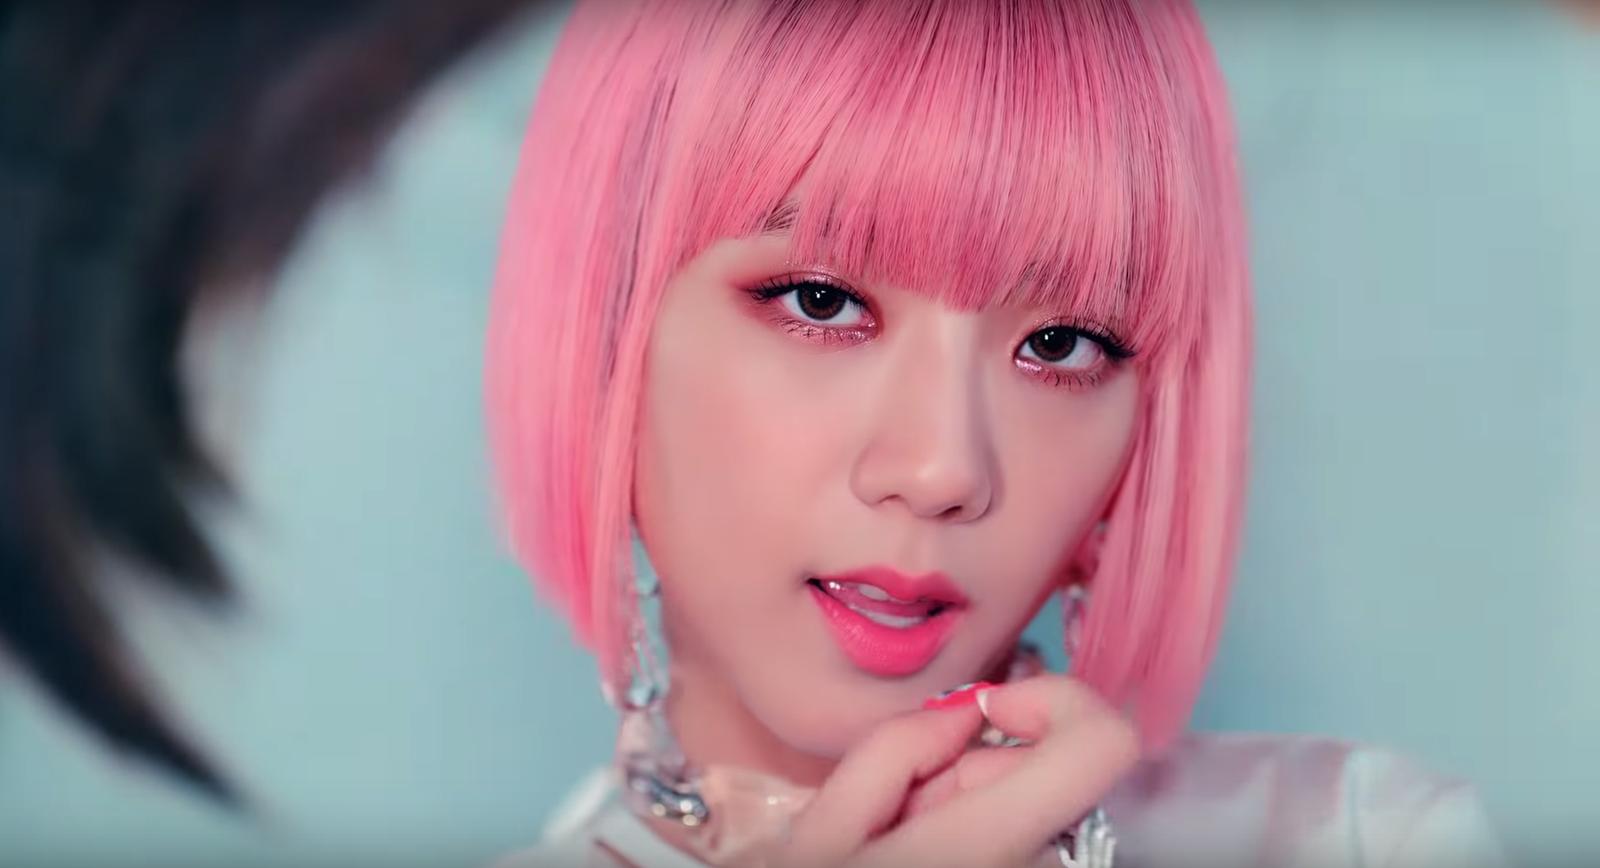 """Đẳng cấp của idol đẹp như Hoa hậu: Jisoo chứng minh khả năng """"cân"""" được mọi màu tóc, từ basic đến khó chiều - Ảnh 7."""